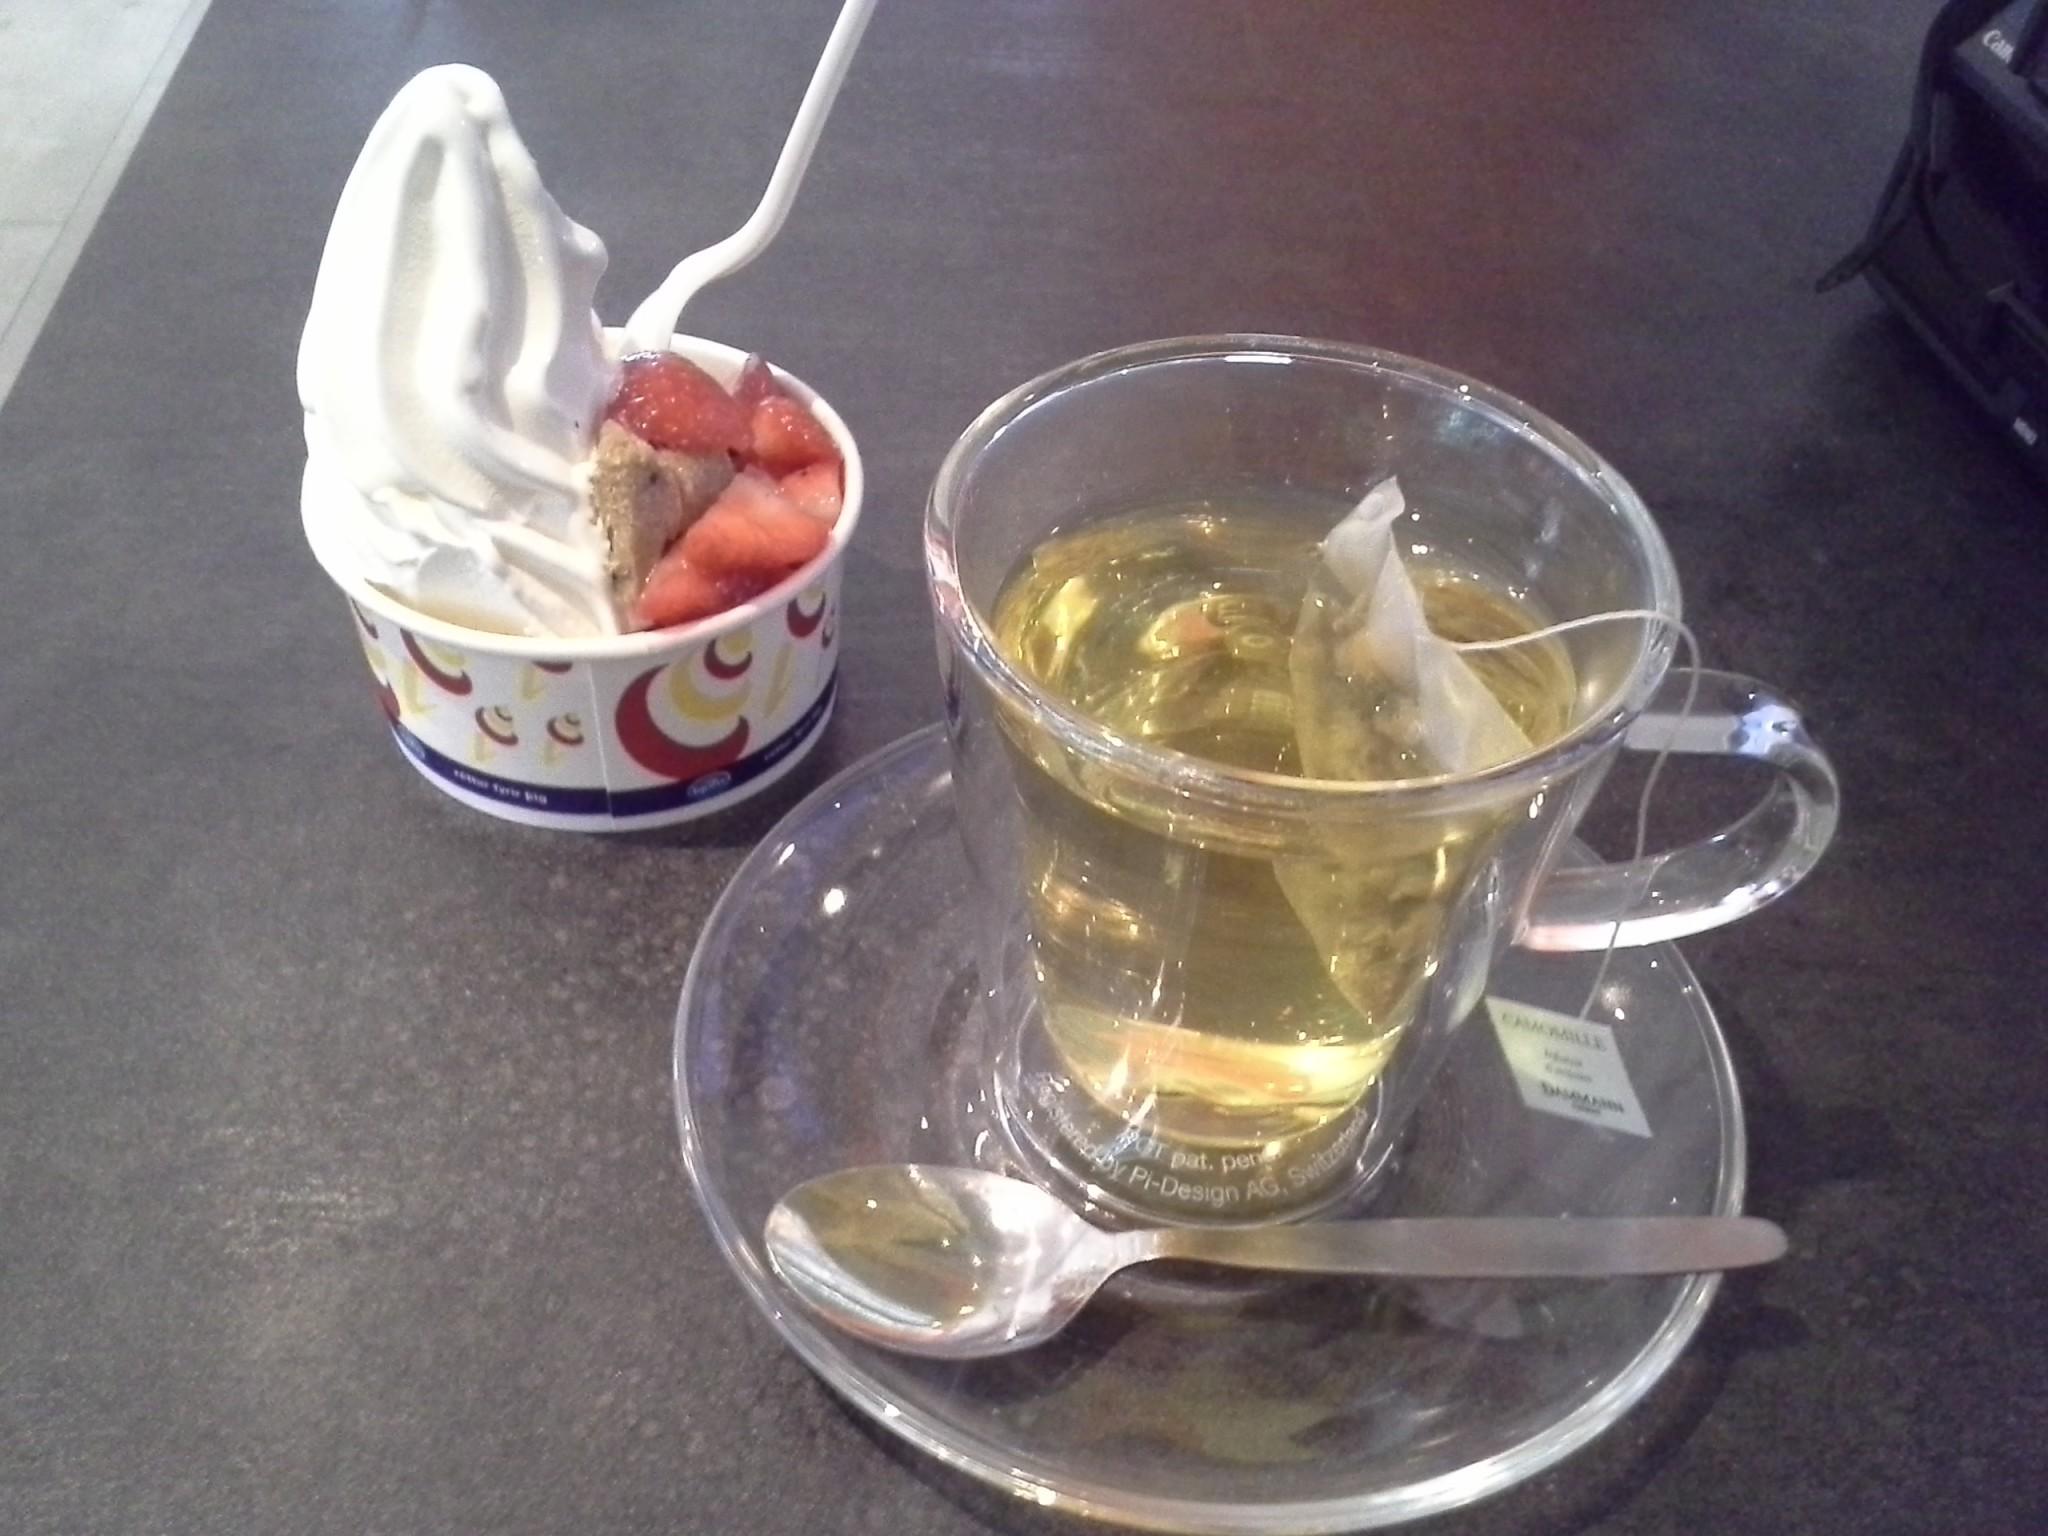 Islantilaisittain säälittäväisen pieni jäätelöni (ne ottaa yleensä aina vähintään sen puoli litraa, mielellään litran ja kaikilla mausteilla) sekä vihreää teetä.